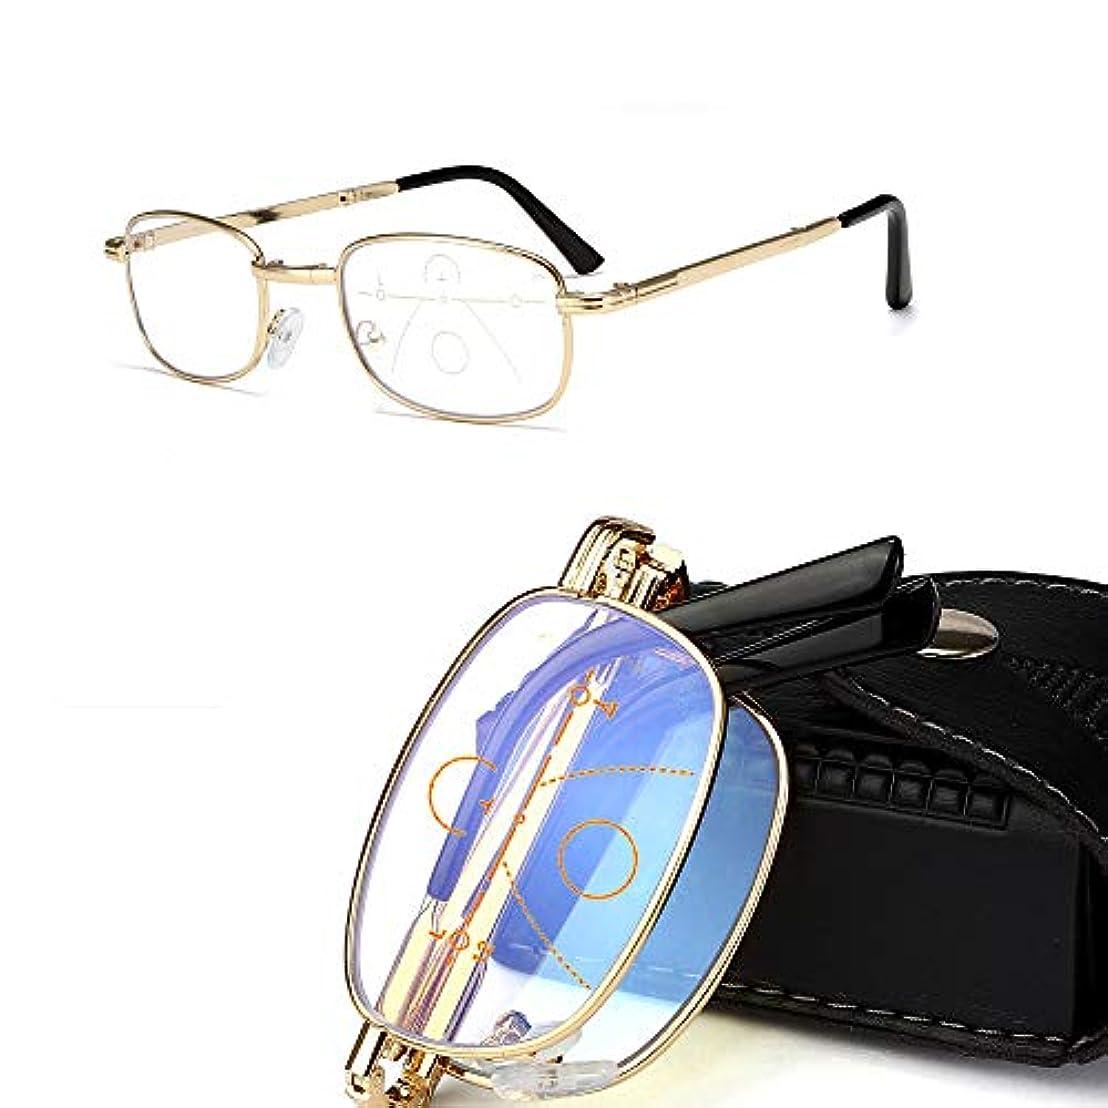 見落とすカップル除外する折り畳み式および曲げ可能な老眼鏡-ユニセックス軽量マルチフォーカス眼鏡-春ヒンジファッションリーダー老眼鏡,+3.50